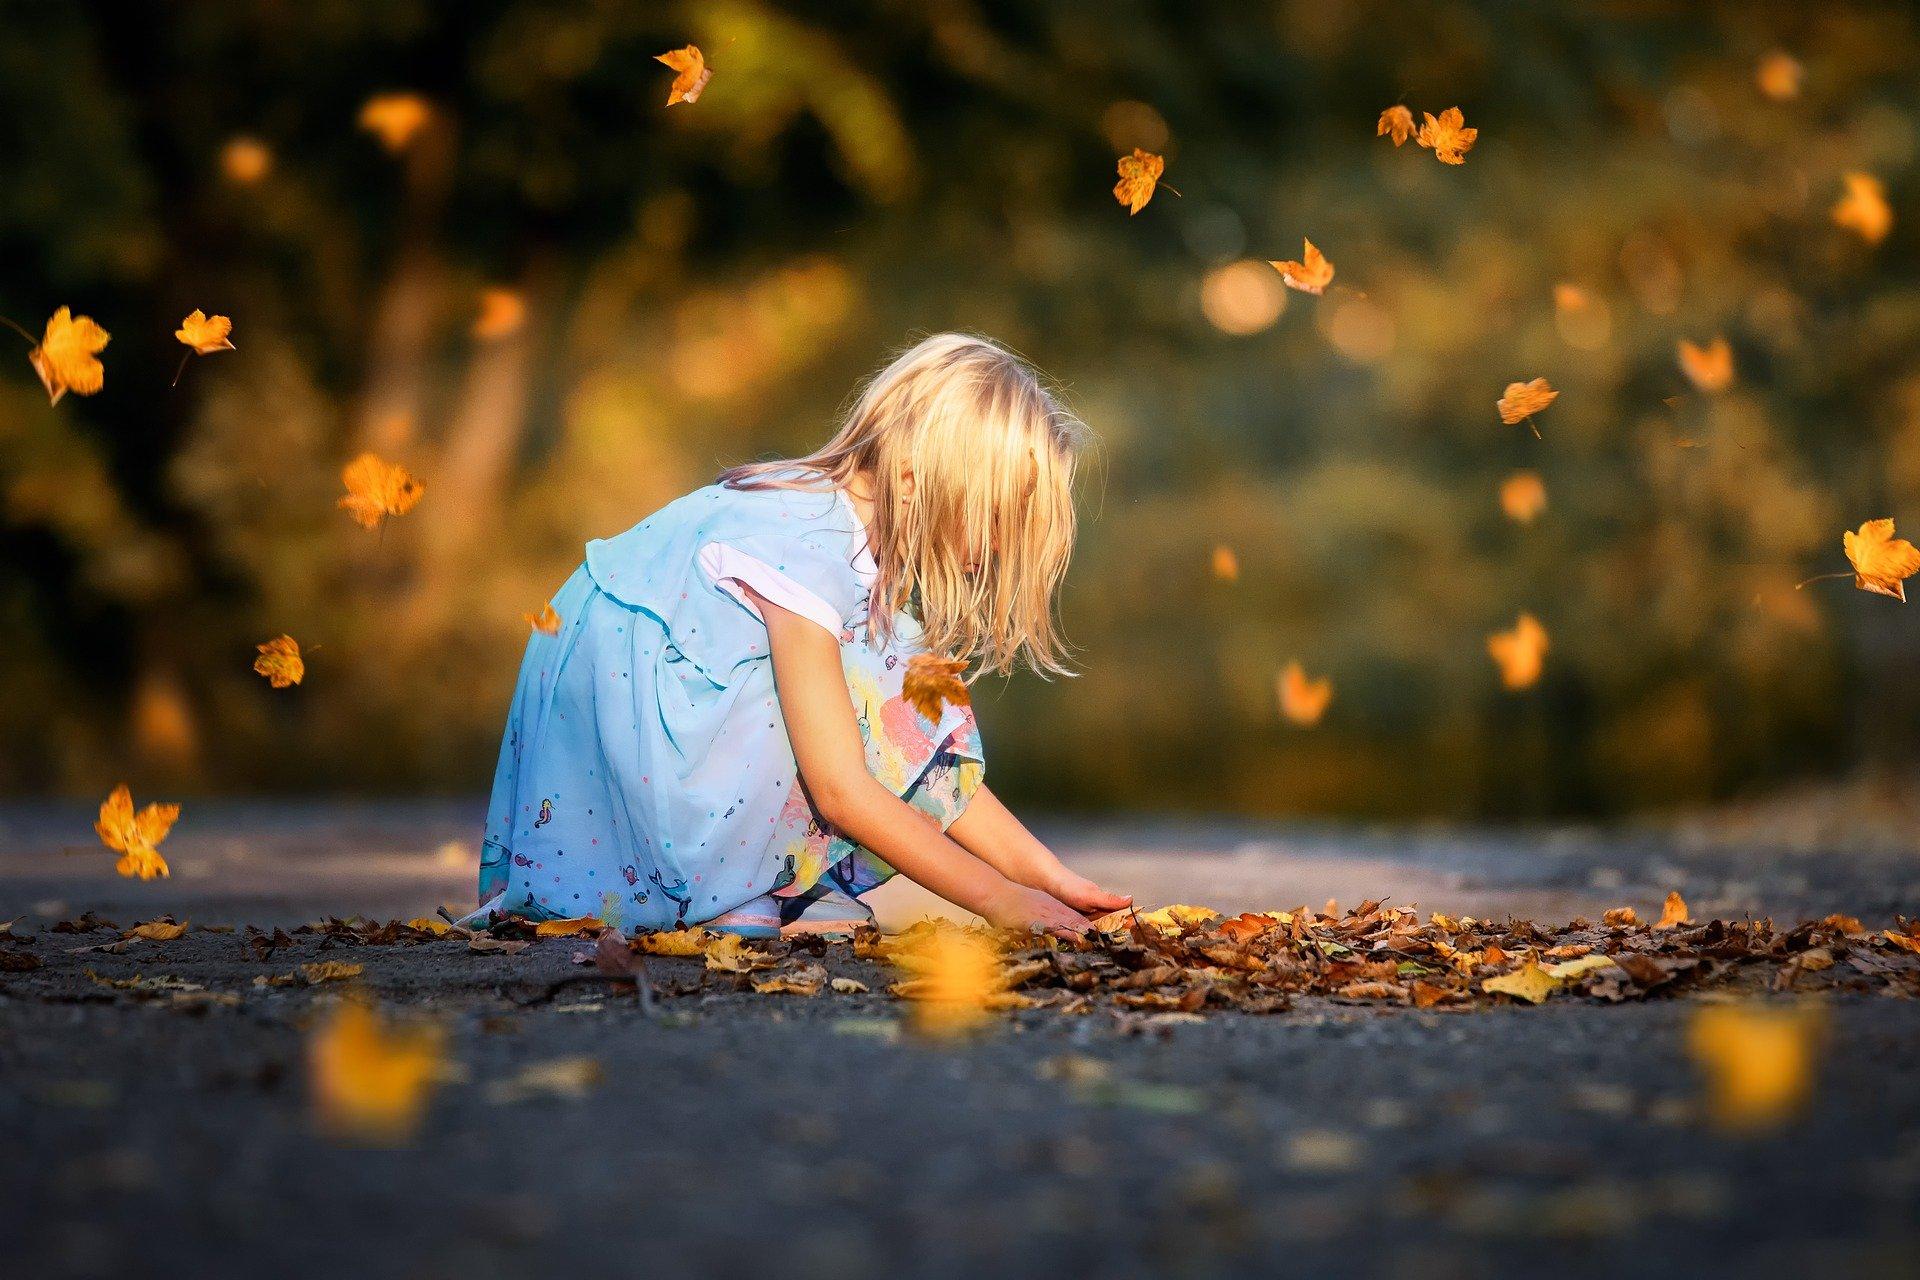 Vous saviez qu'un gros tas de feuilles peut servir de matelas de réception pour les activités fofolles.